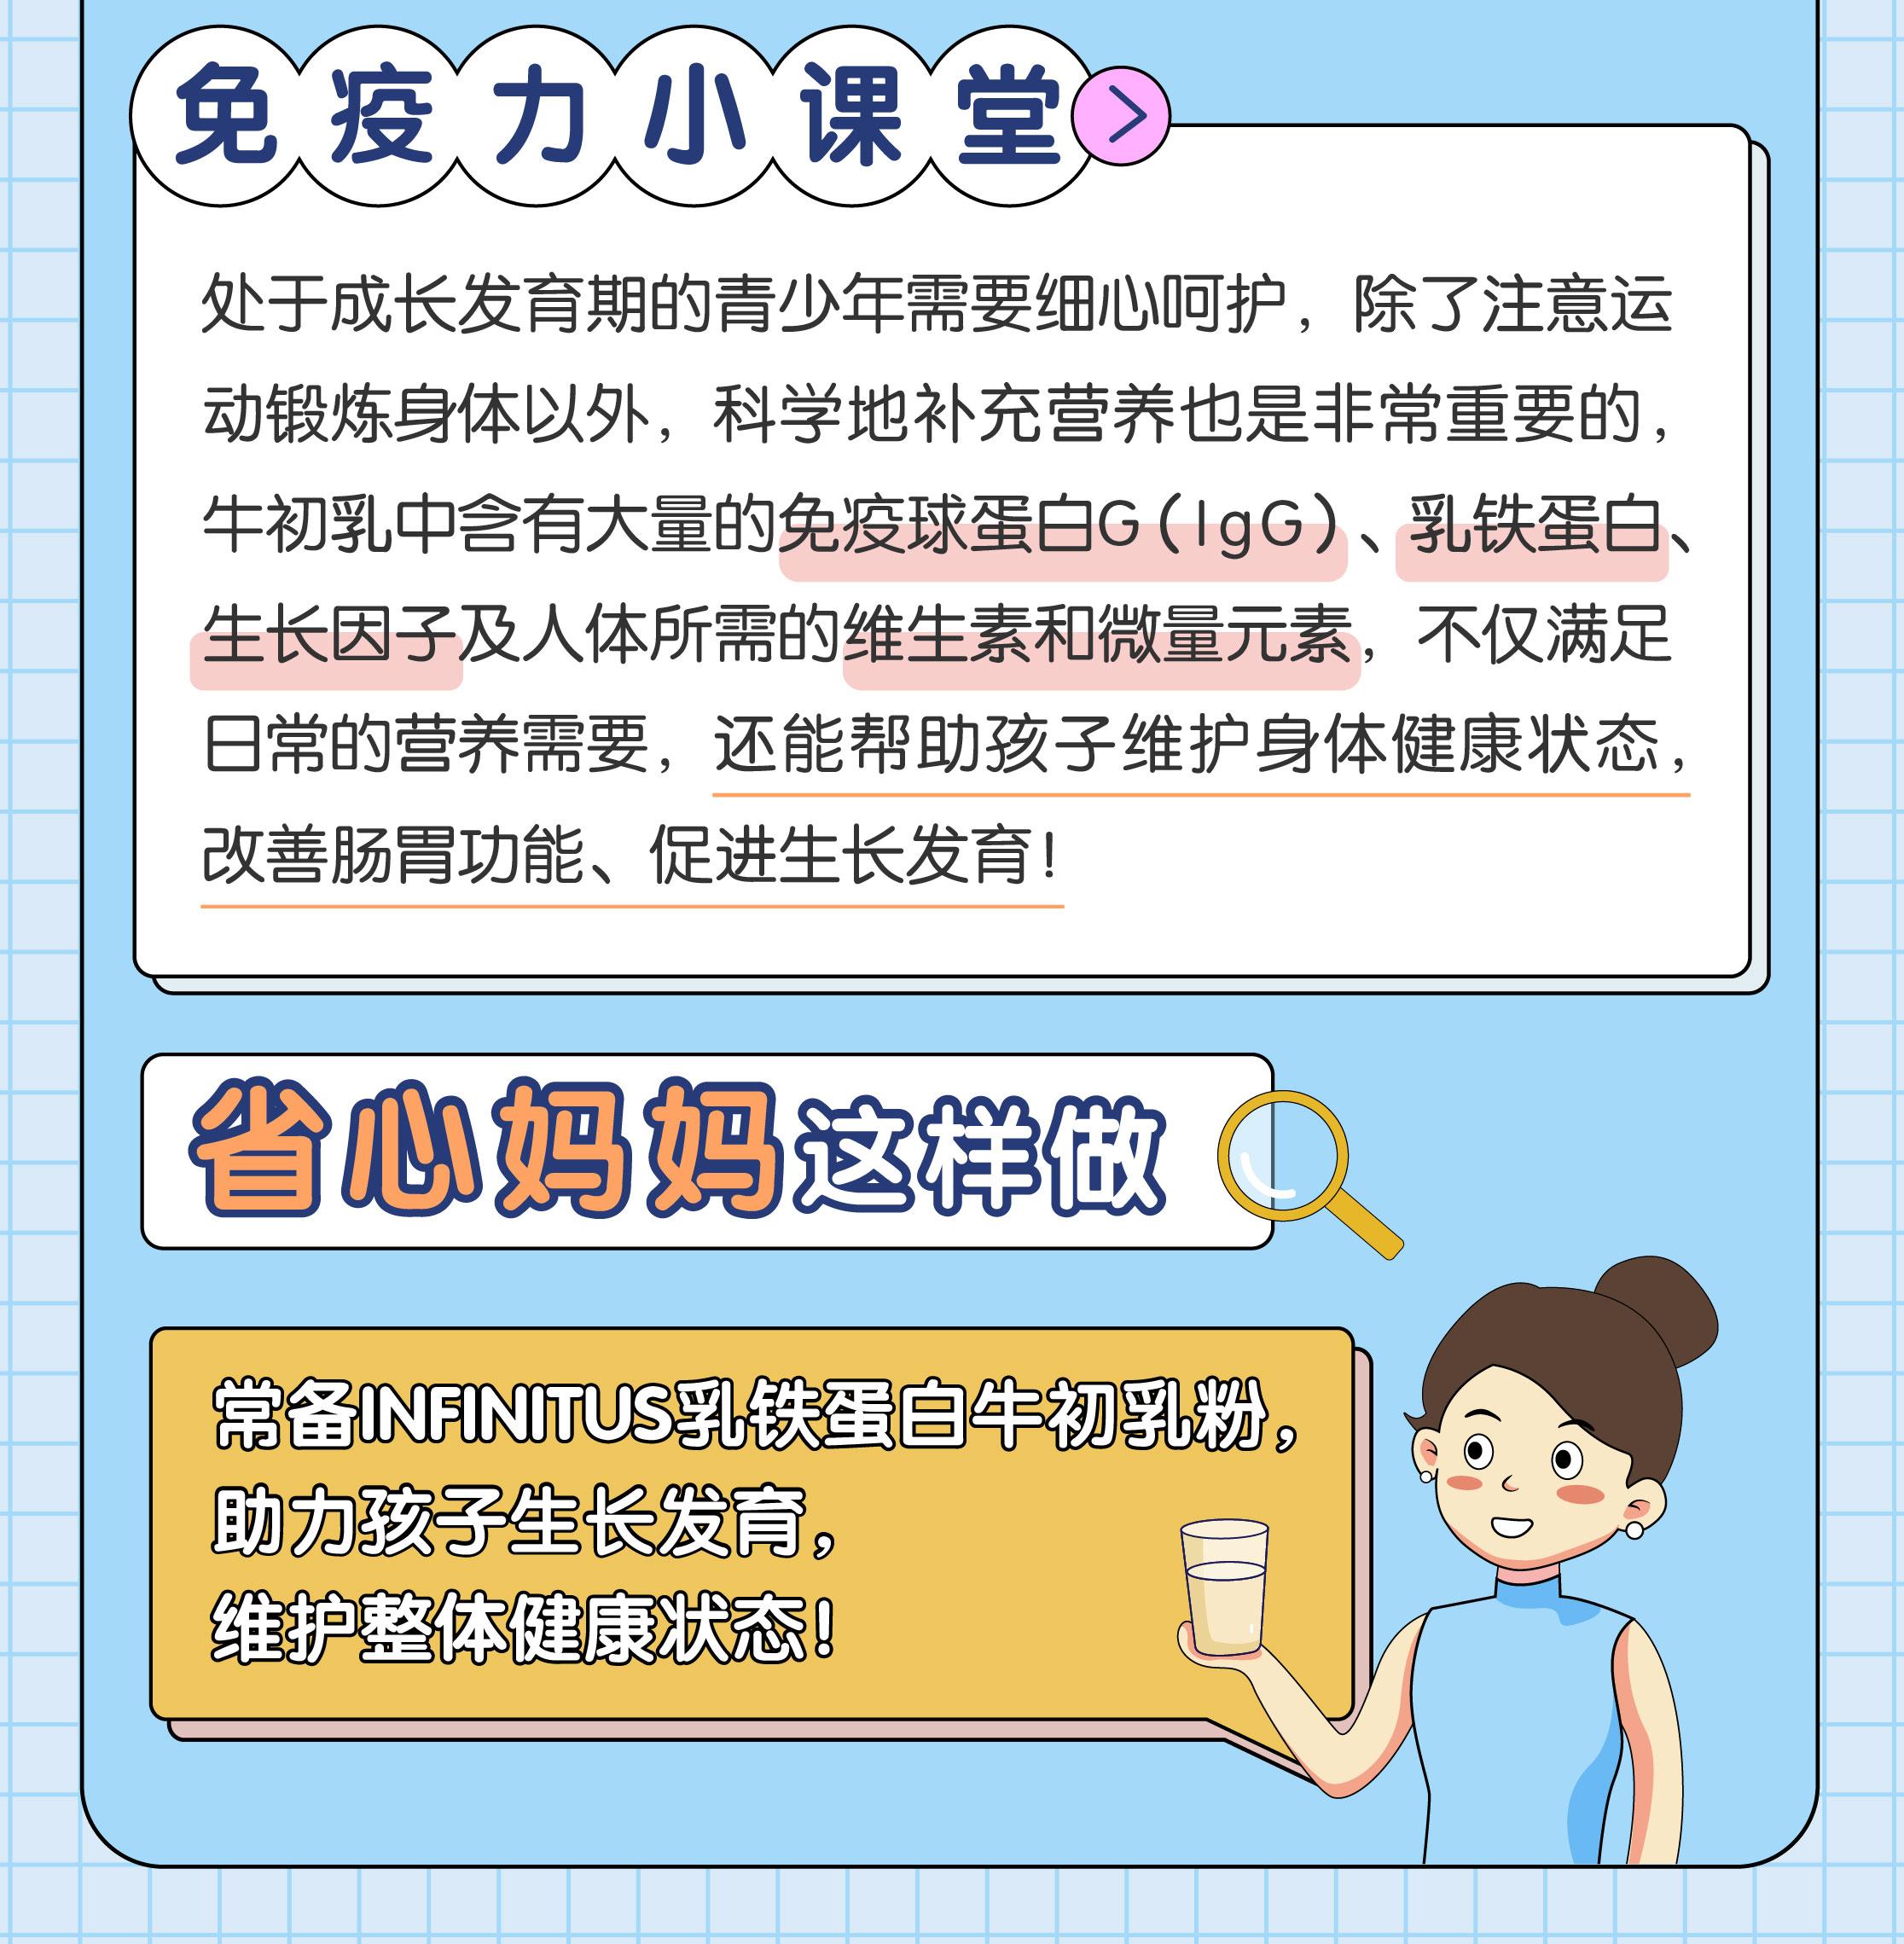 效果种草-牛初乳粉-_效果种草长图6